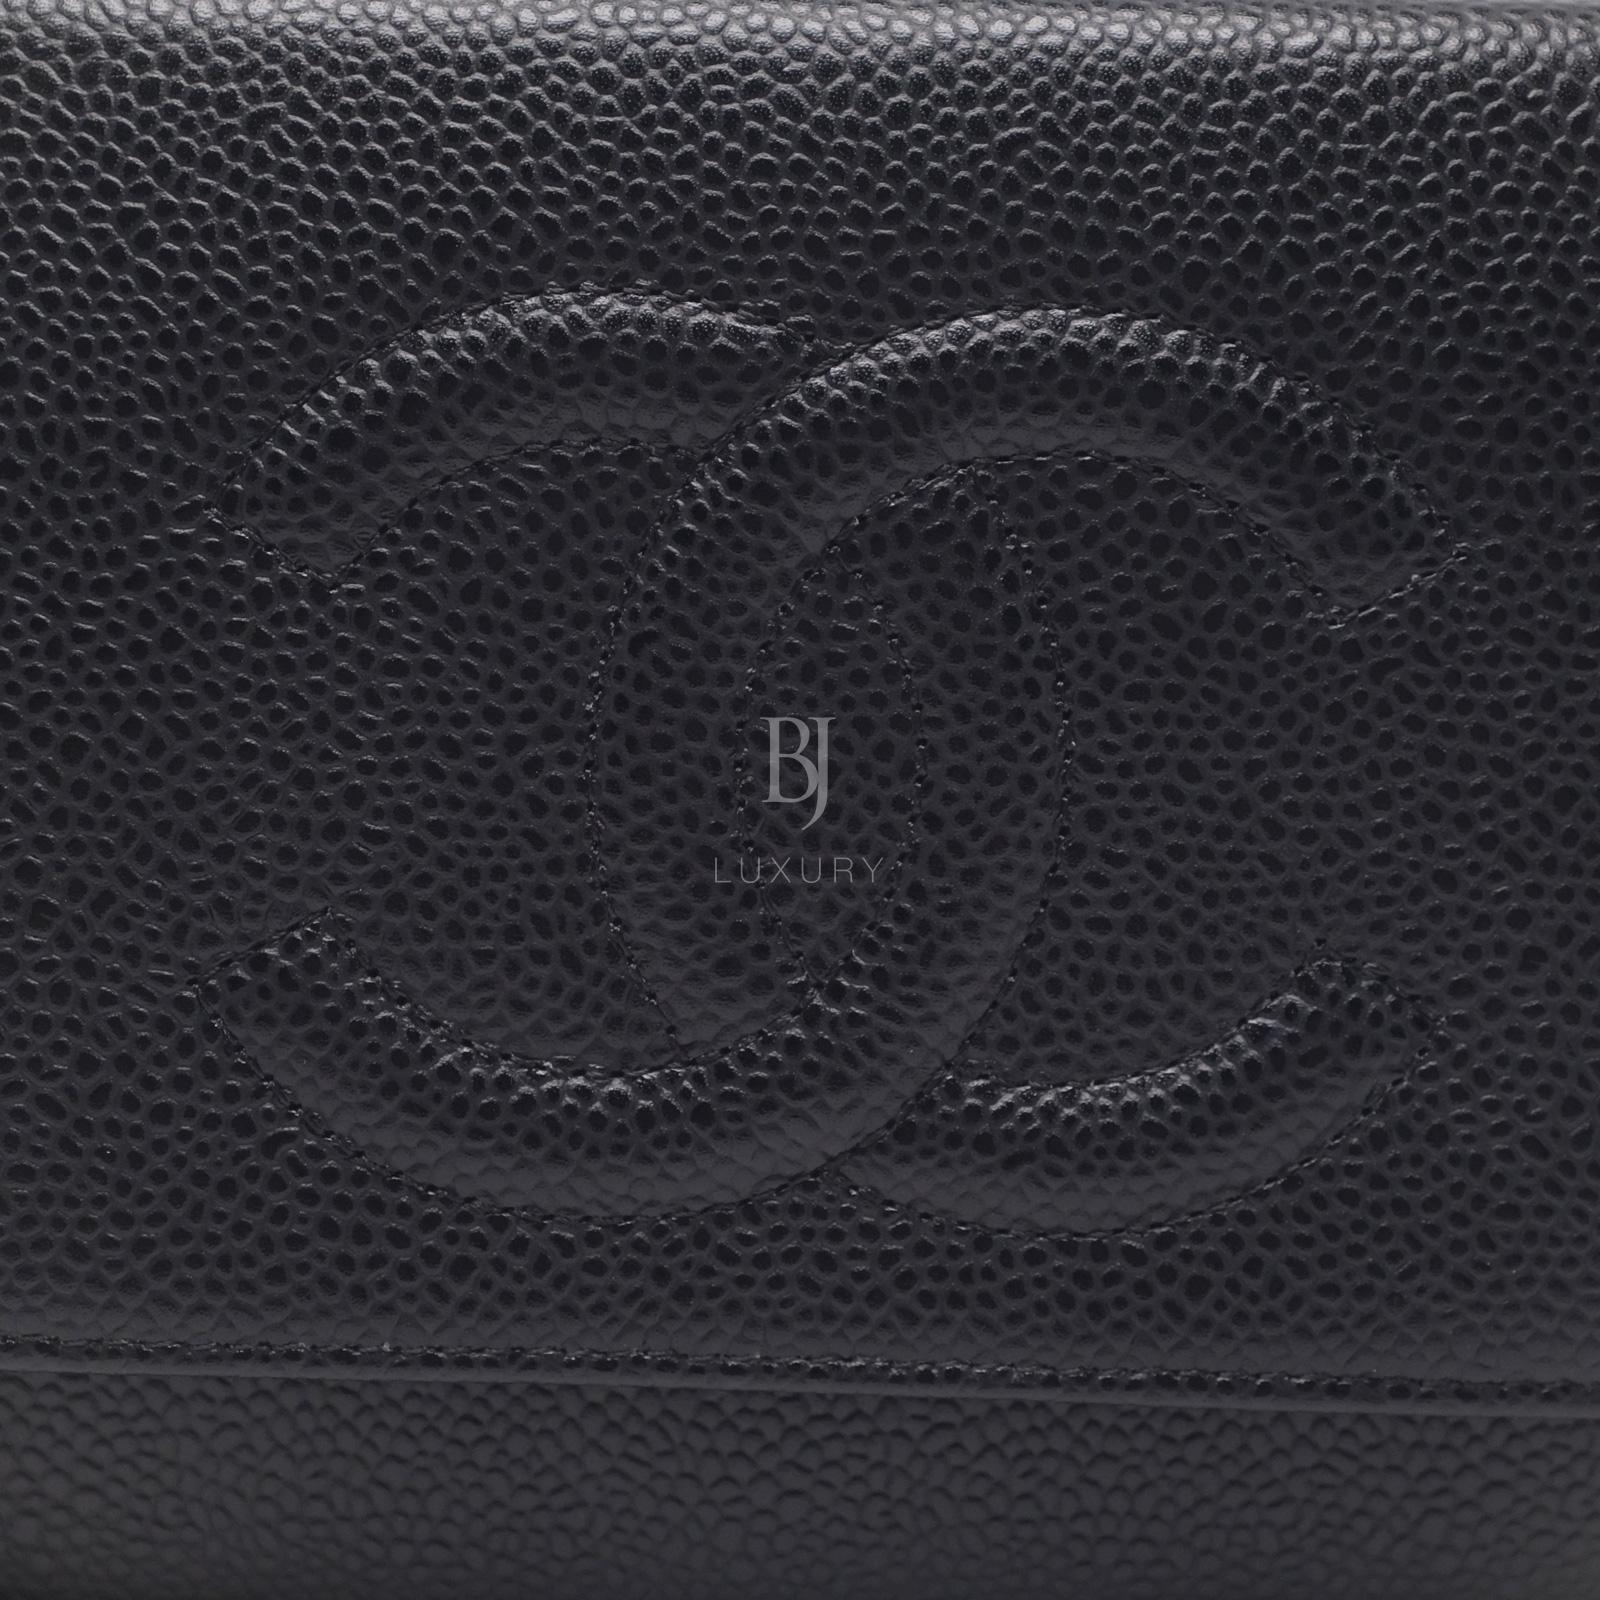 Chanel Wallet on Chain Caviar Silver Black BJ Luxury 11.jpg